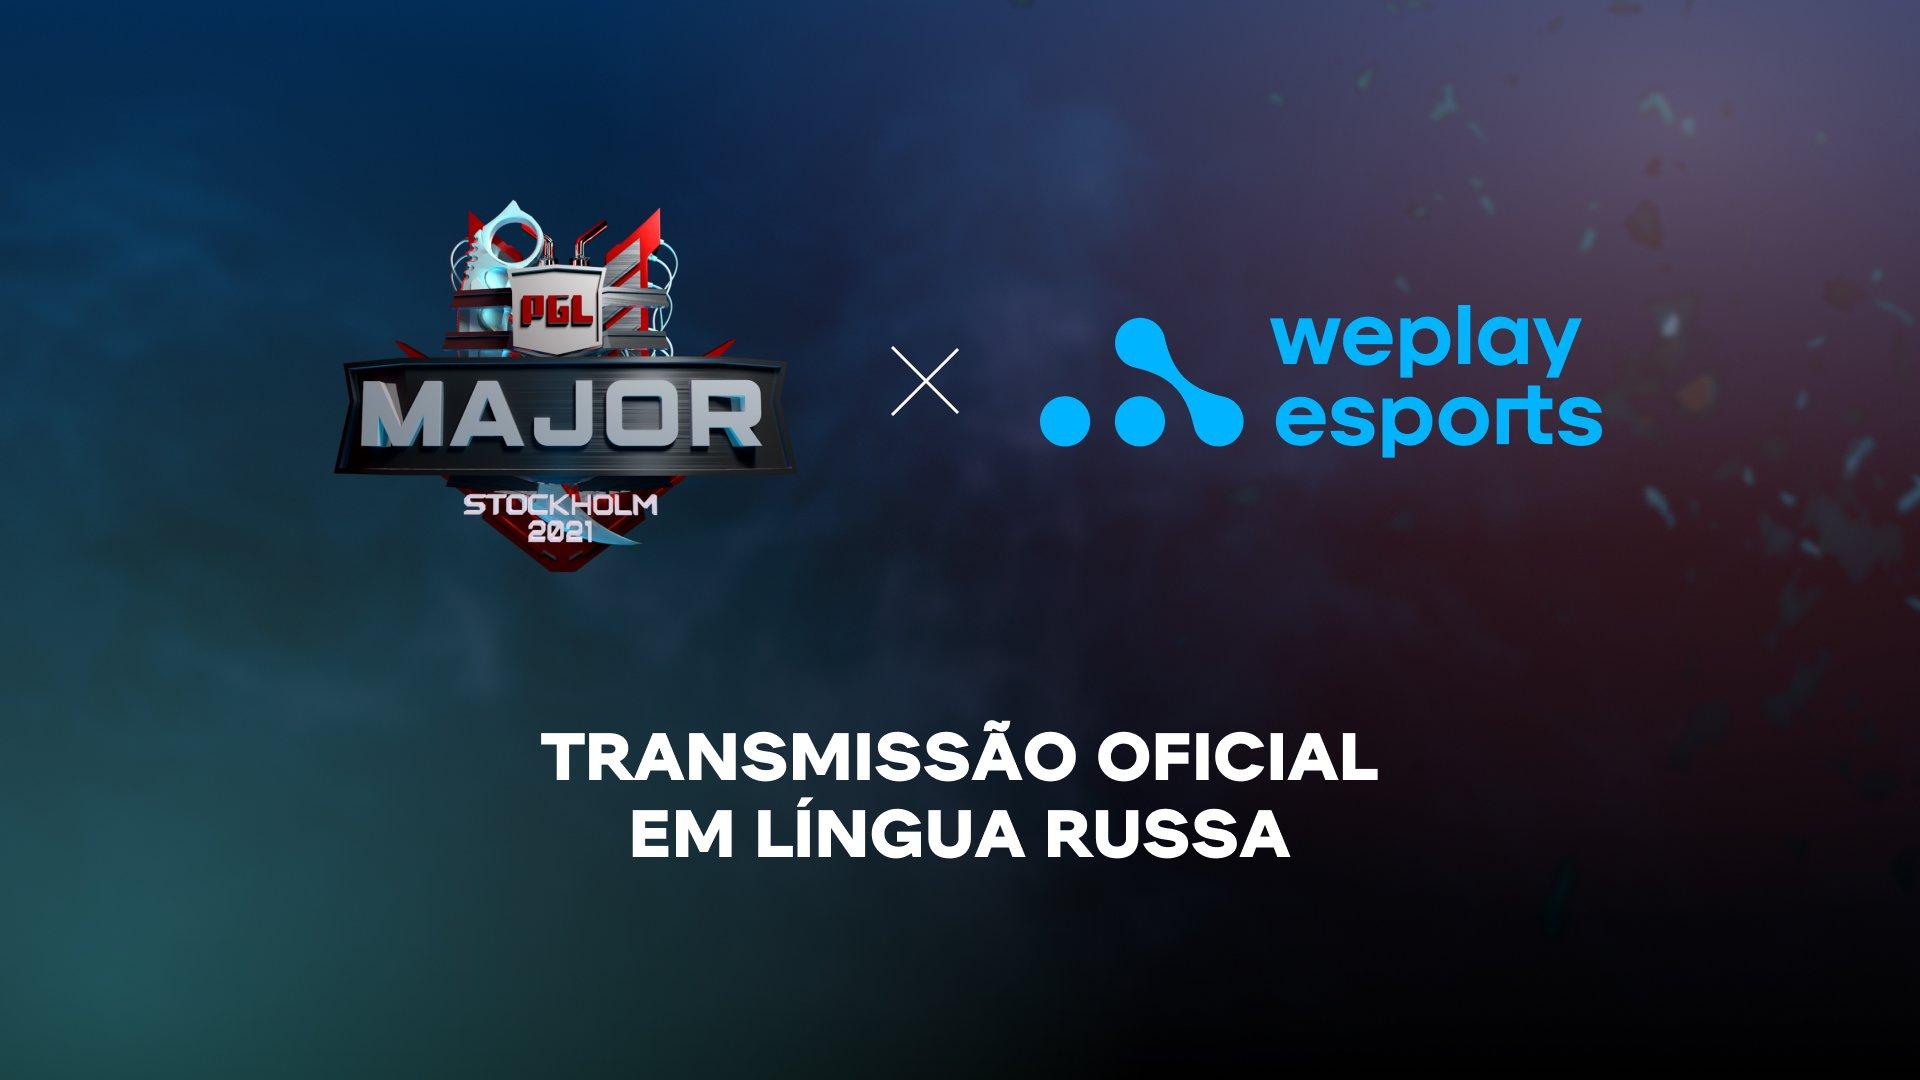 A WePlay Esports é a transmissora oficial do PGL Major Stockholm 2021. Imagem: WePlay Holding